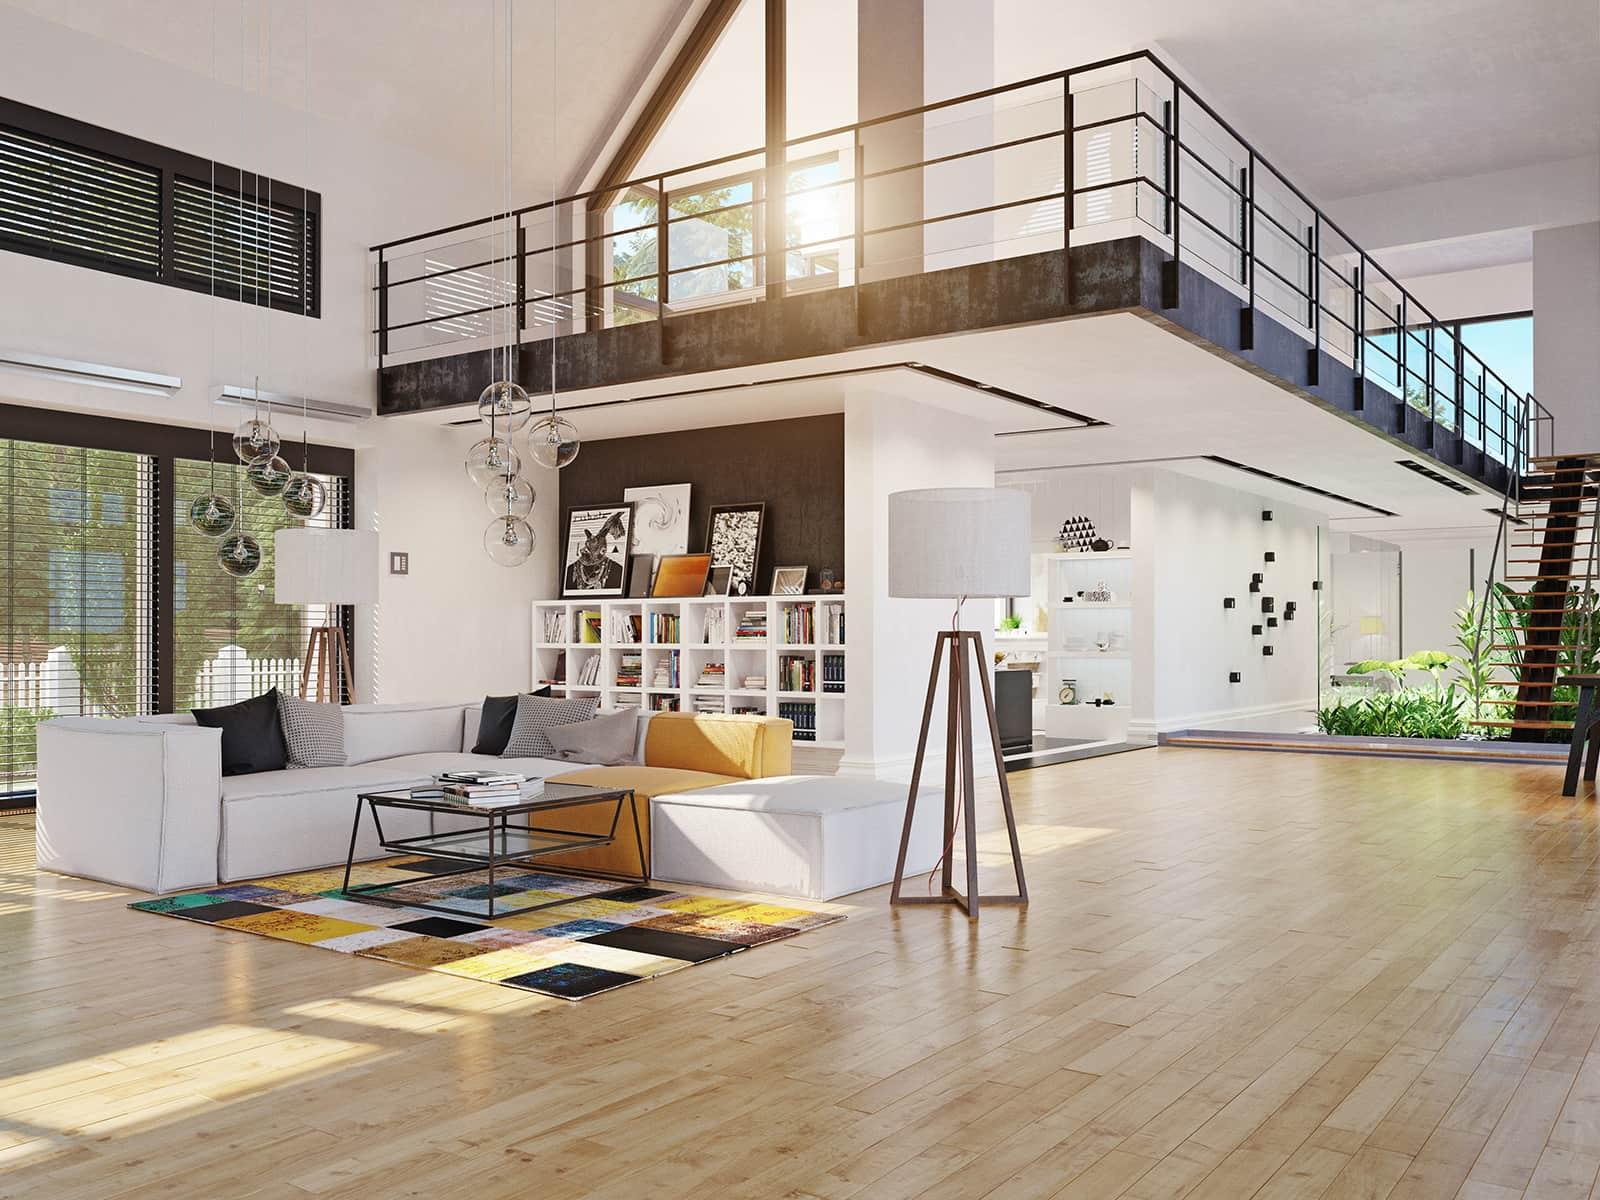 Wohnung BUYIMMO.de - Immobilien- & Grundstückskauf